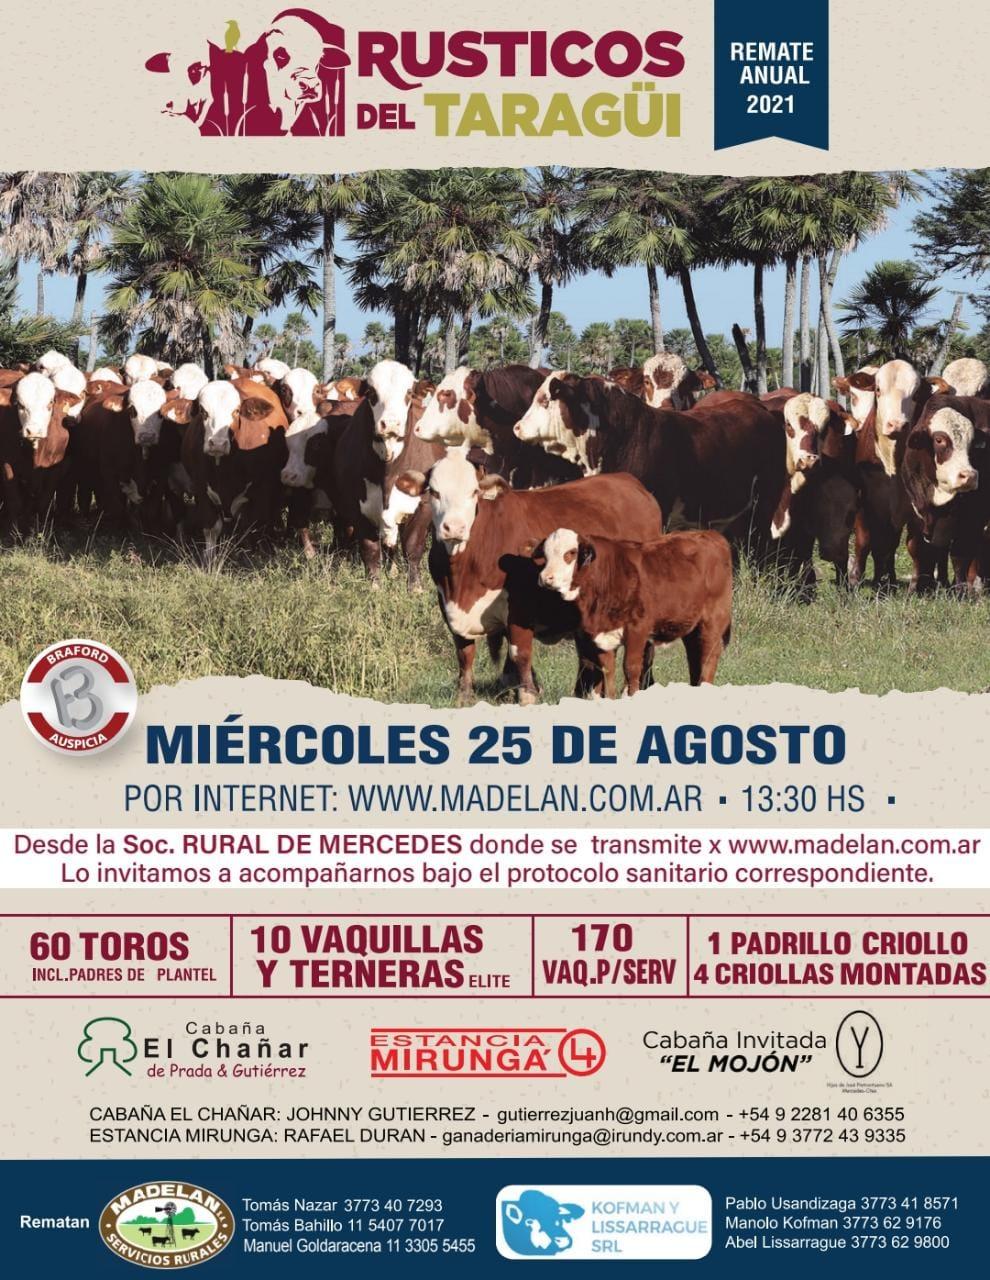 Flyer Rústicos del Taragüi 2021